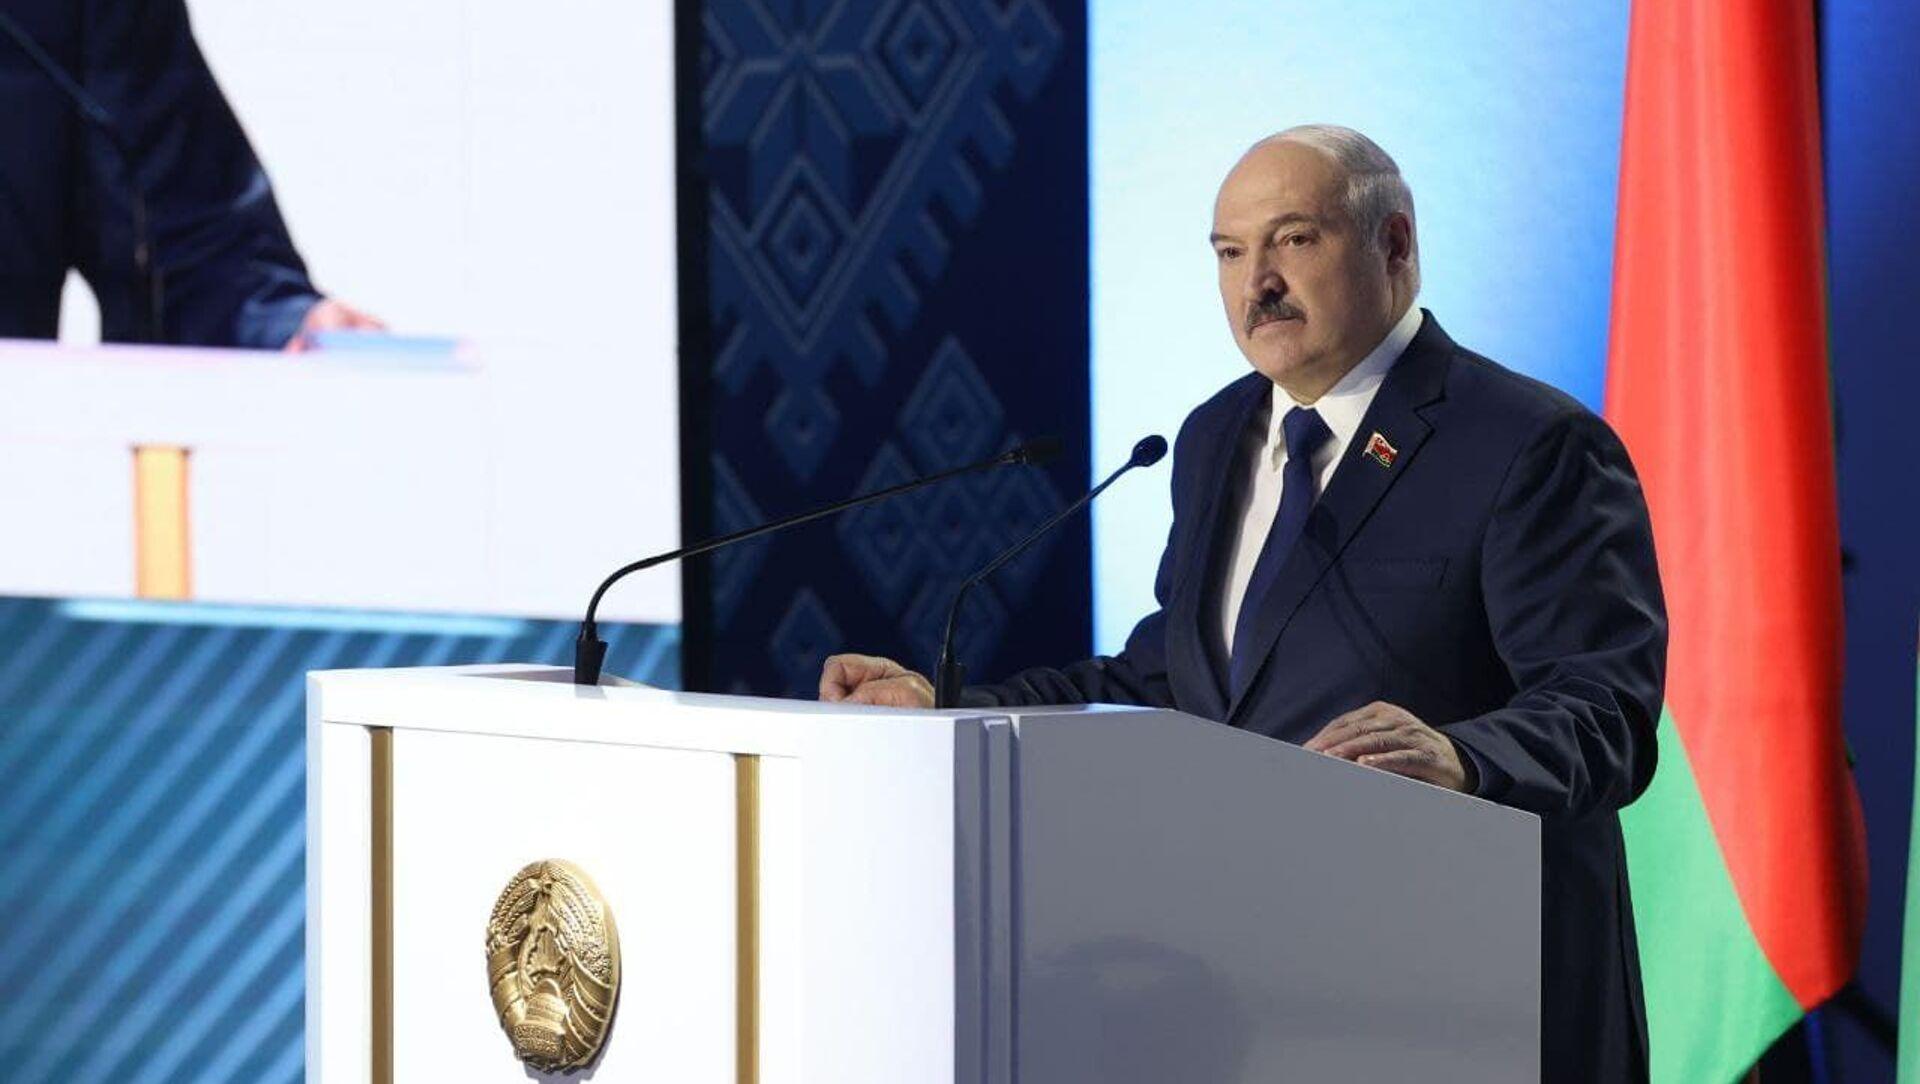 Prezydent Białorusi Aleksandr Łukaszenka na VI Wszechbiałoruskim Zgromadzeniu Narodowym w Mińsku. - Sputnik Polska, 1920, 17.04.2021